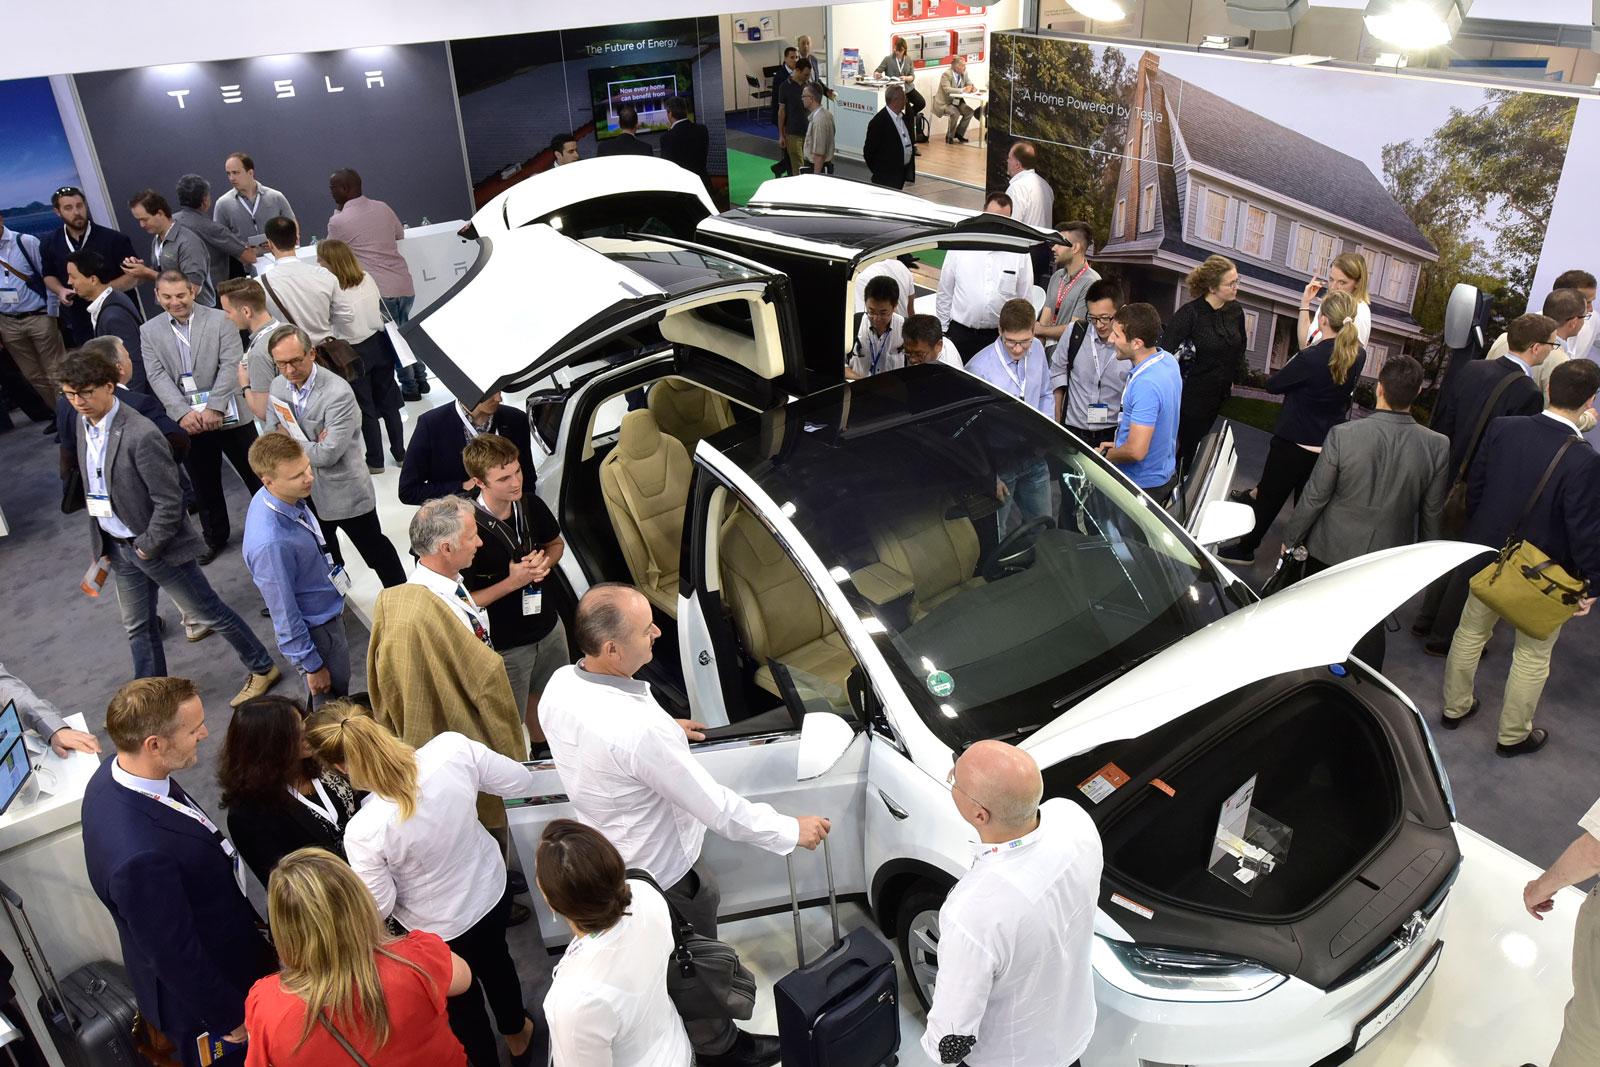 Fabricacion Baterias coches electricos Feria ees Europe 2018